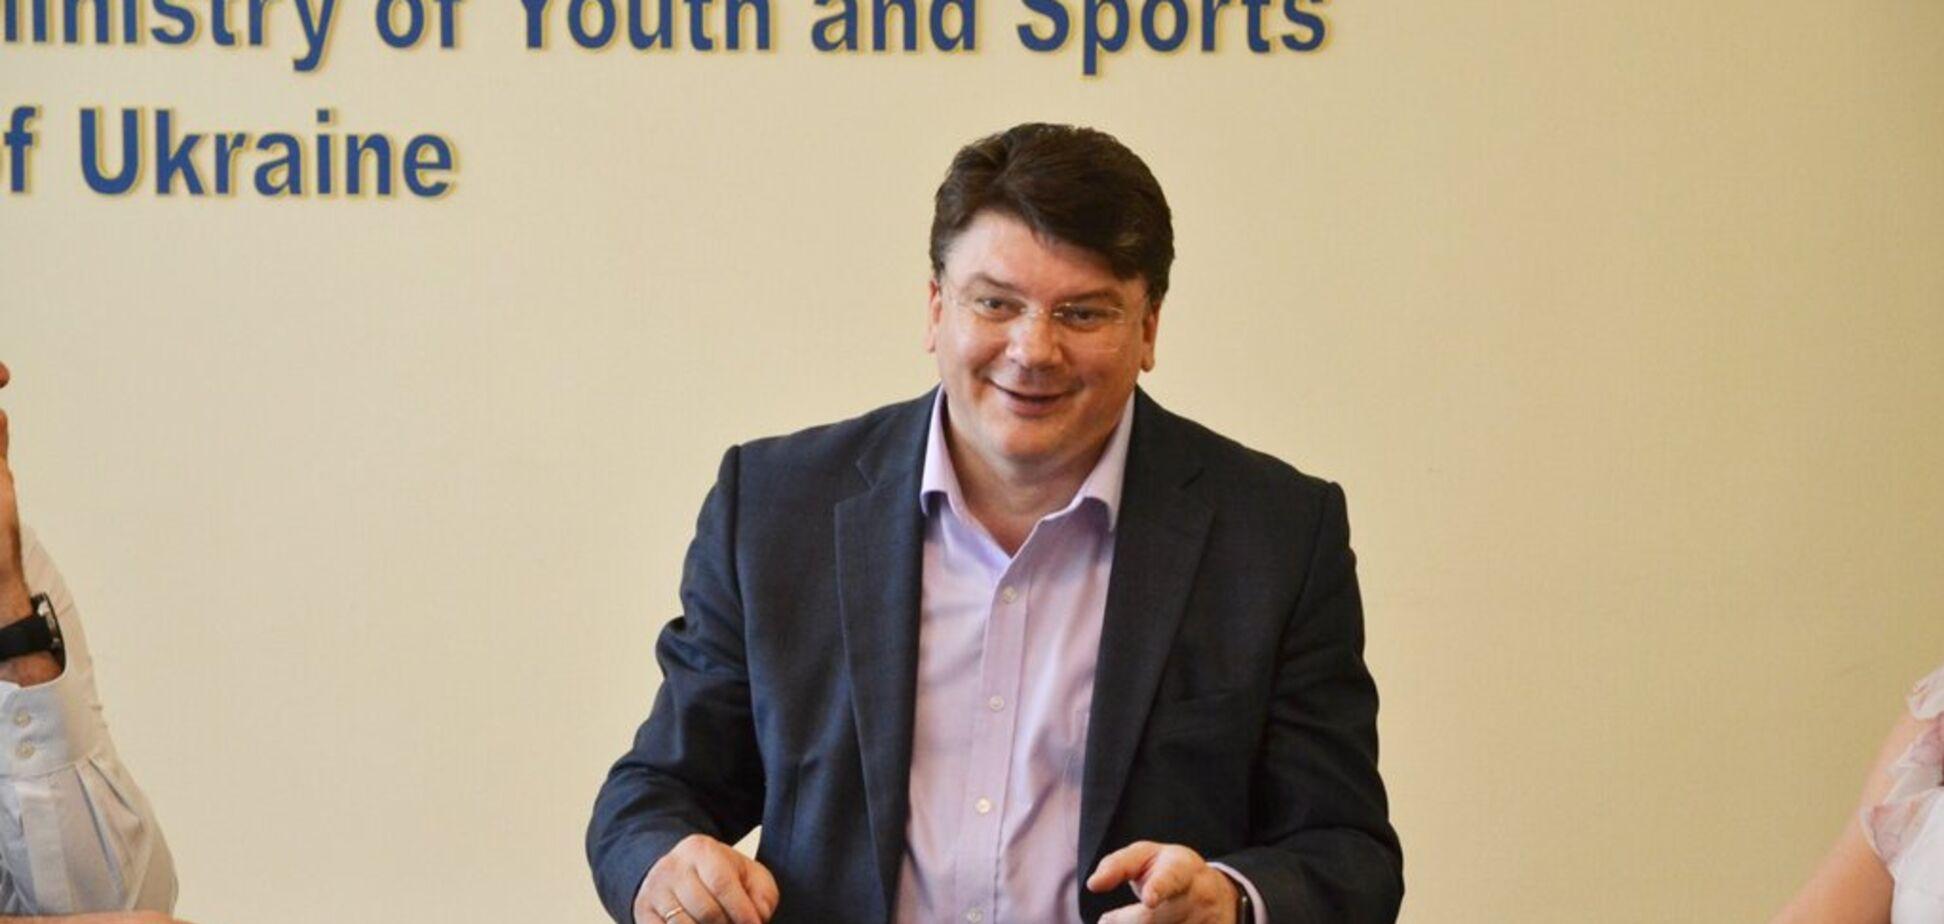 Деньги – тренерам: правительство пошло на беспрецедентный шаг ради спорта